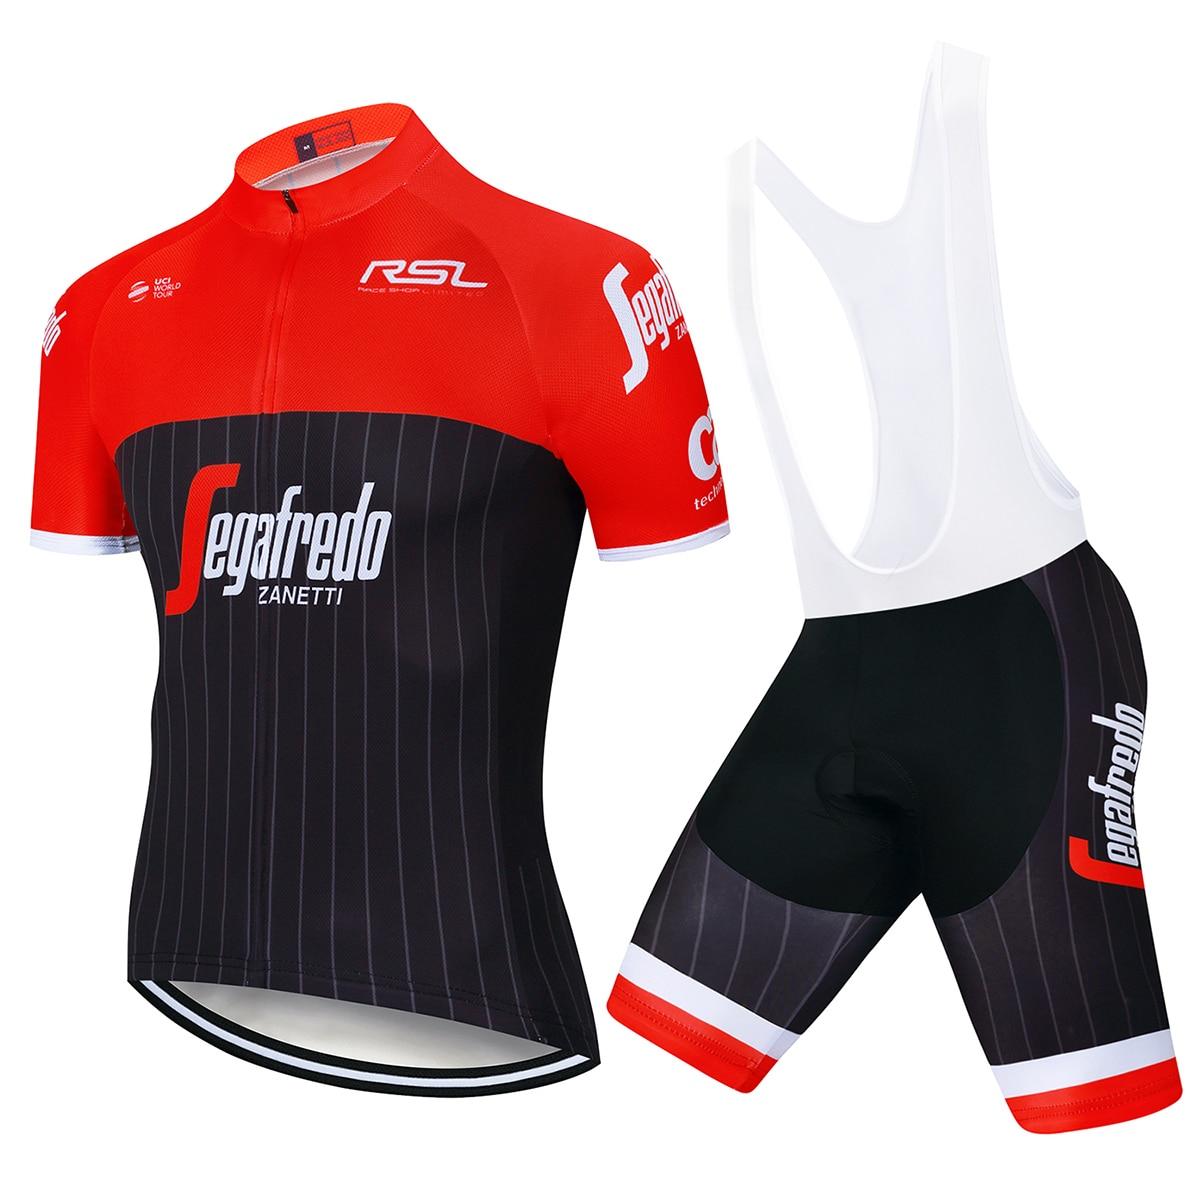 UCI team 2018 Grün TREKKING radfahren jersey Bike shorts anzug MTB herren sommer ropa ciclismo radfahren tragen FAHRRAD Maillot Culotte